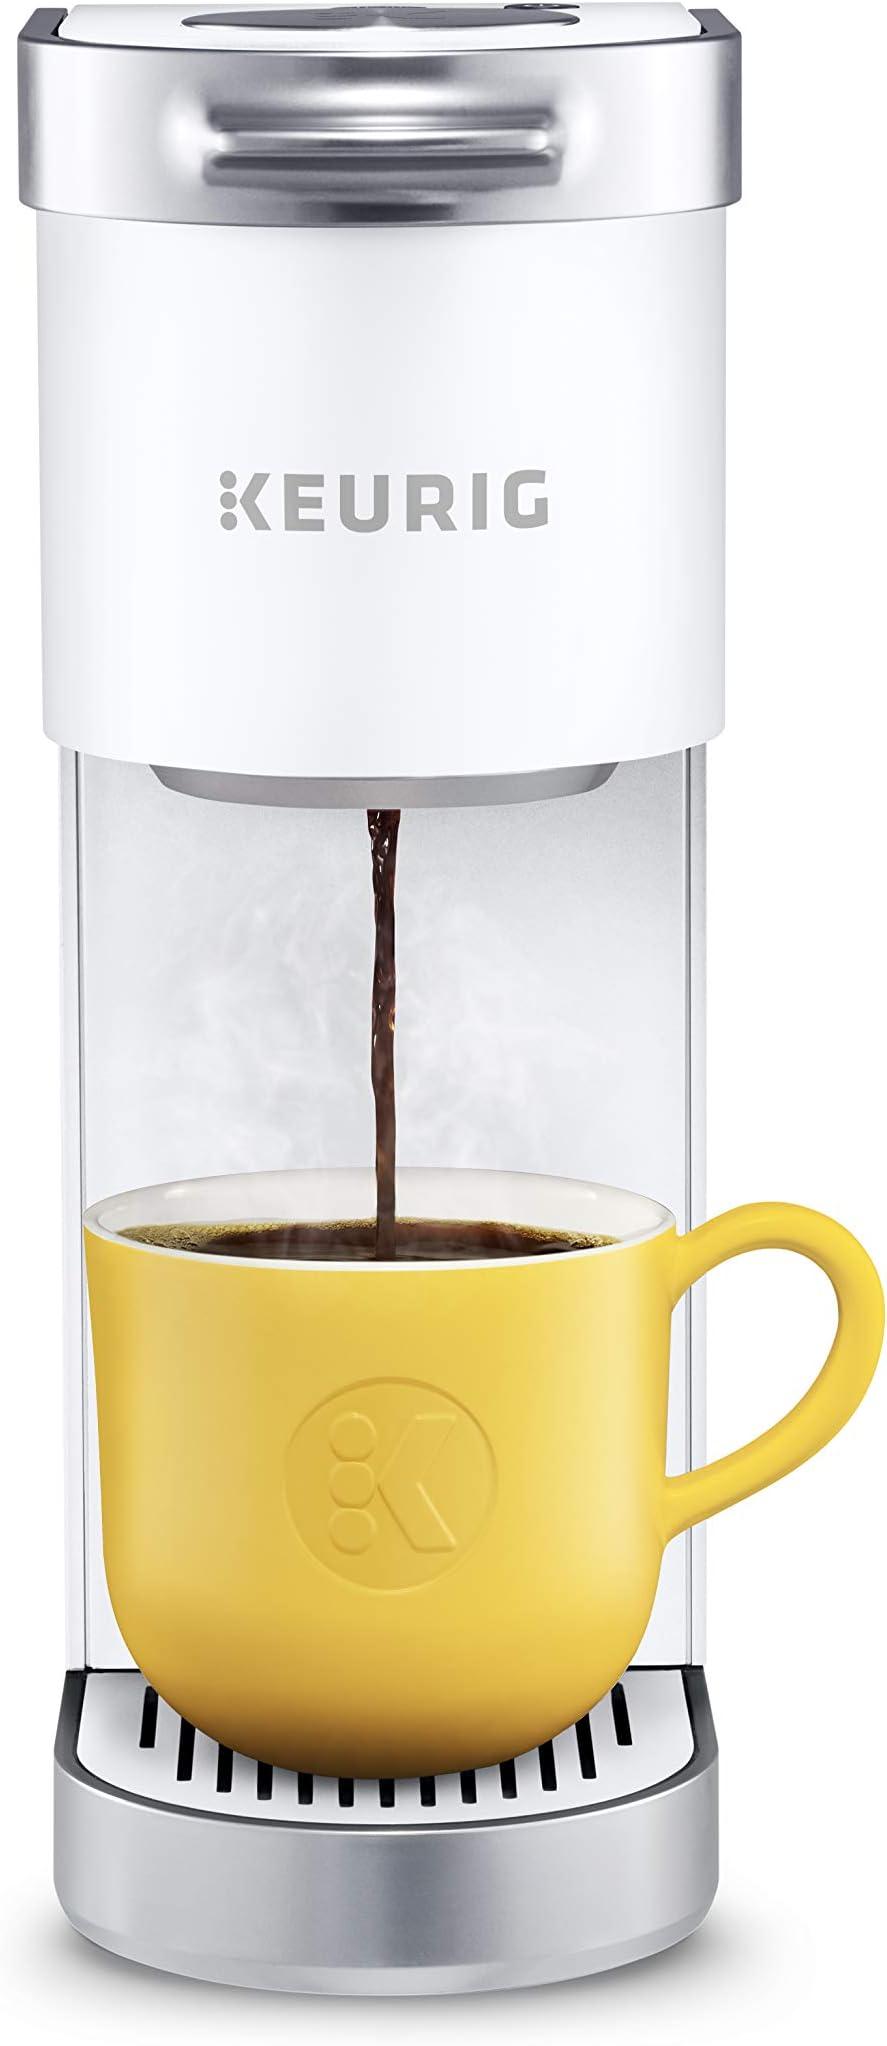 Keurig 611247386125 K-Mini Plus Coffee Maker, One Size, White